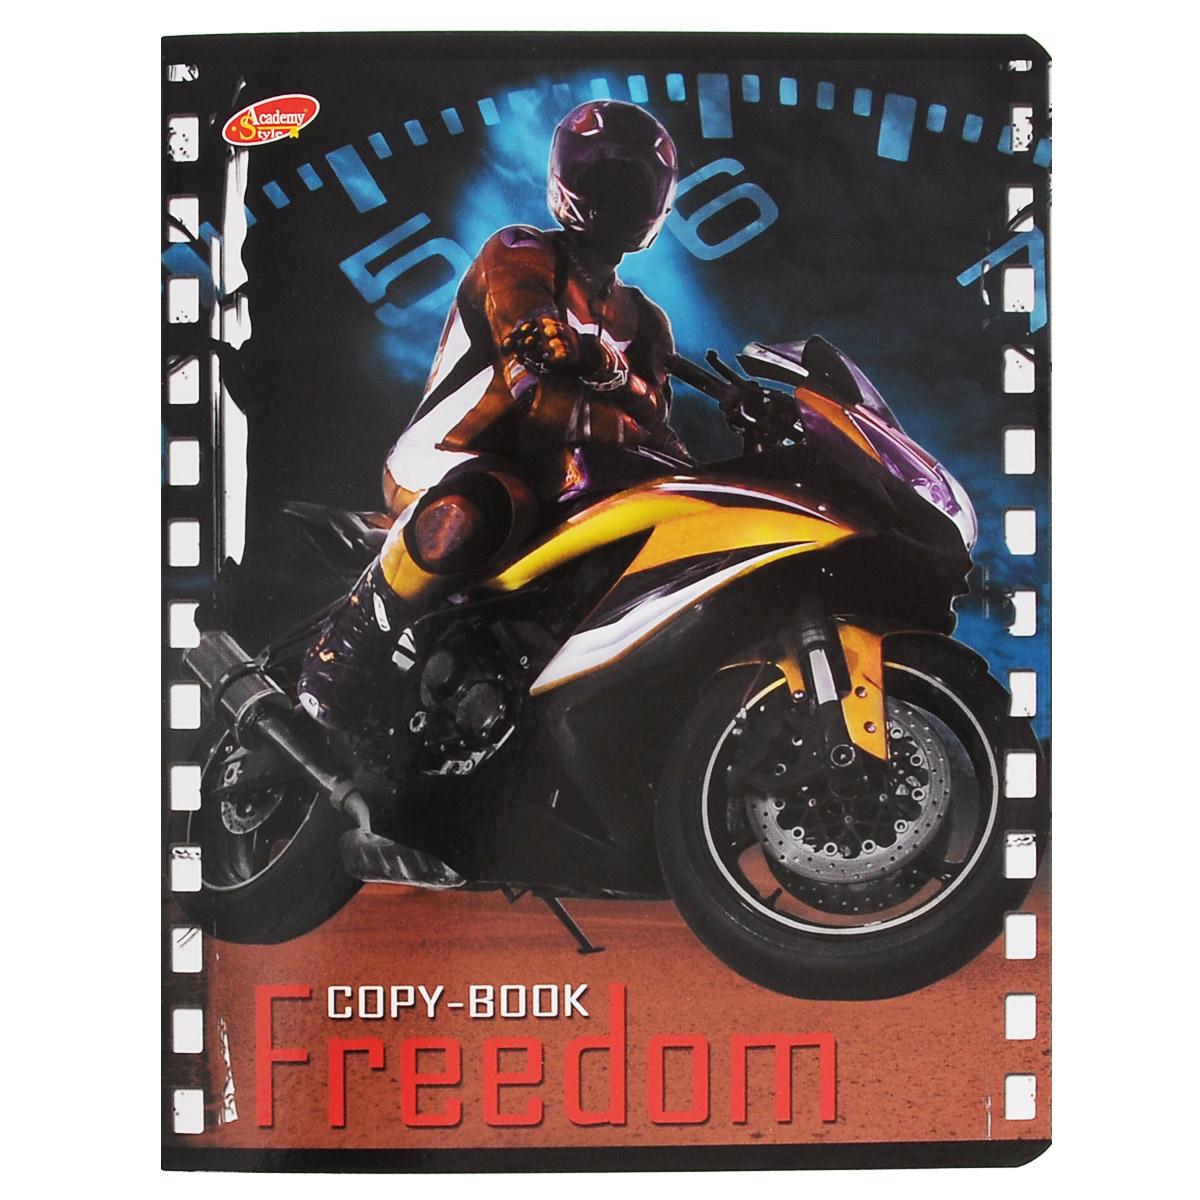 Тетрадь Freedom Мотоцикл, 80 листов, формат А5, цвет: желтый125045Тетрадь в клетку Freedom Мотоцикл с красочным изображением мотоцикла на обложке подойдет как студенту, так и школьнику. Обложка тетради с закругленными углами выполнена из картона. Внутренний блок состоит из 80 листов белой бумаги. Стандартная линовка в клетку дополнена полями, совпадающими с лицевой и оборотной стороны листа.